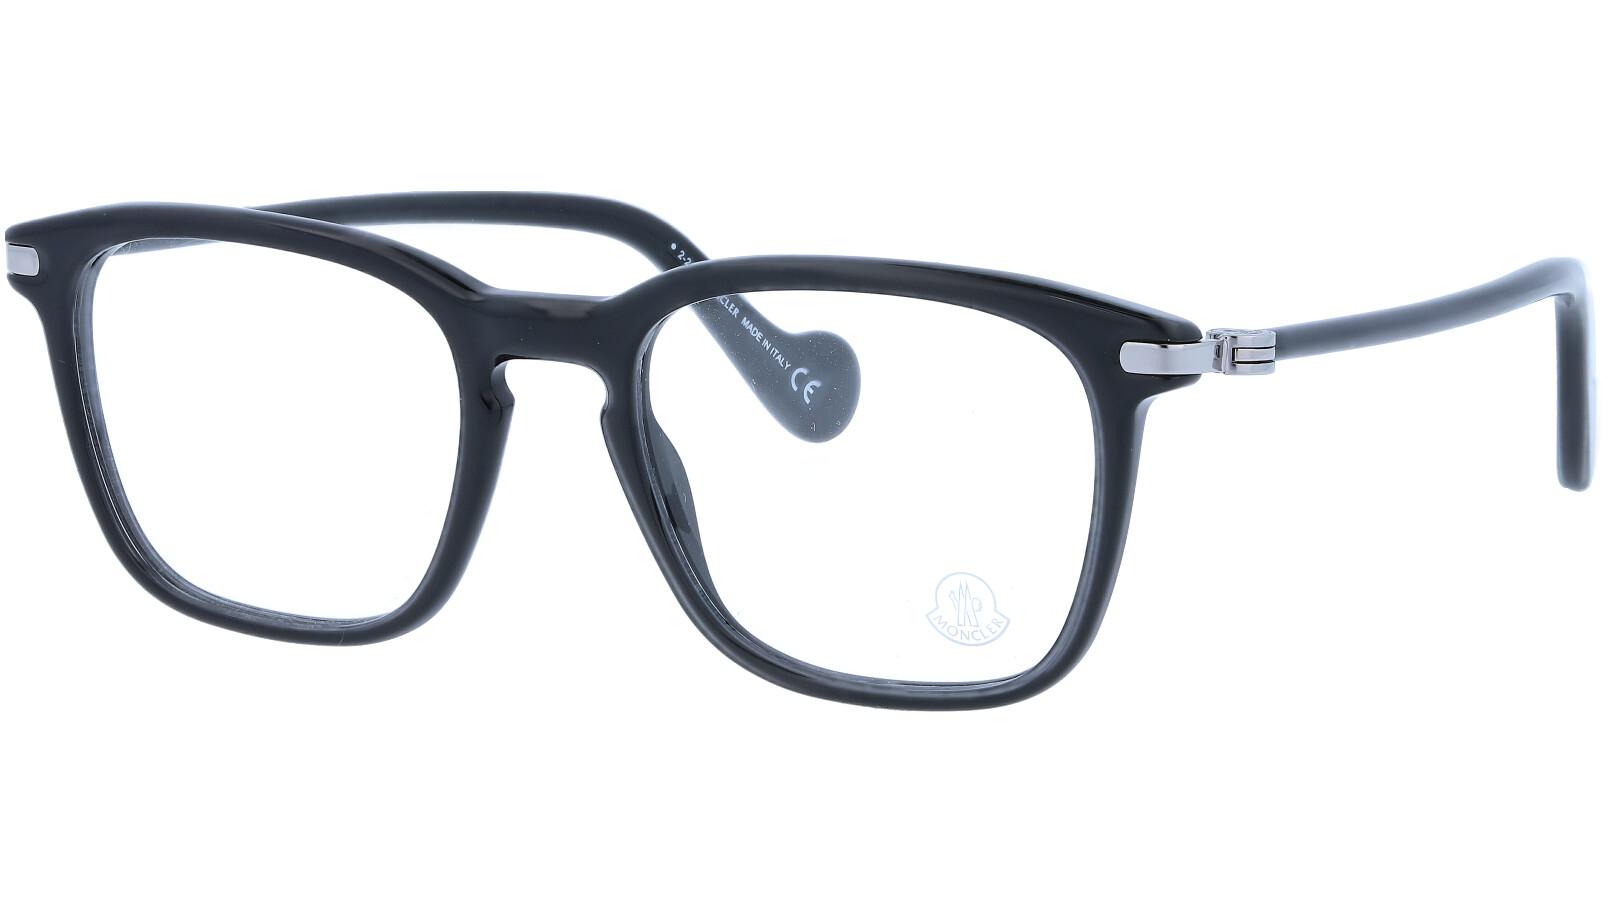 Moncler ML5045V 001 52 Black Glasses